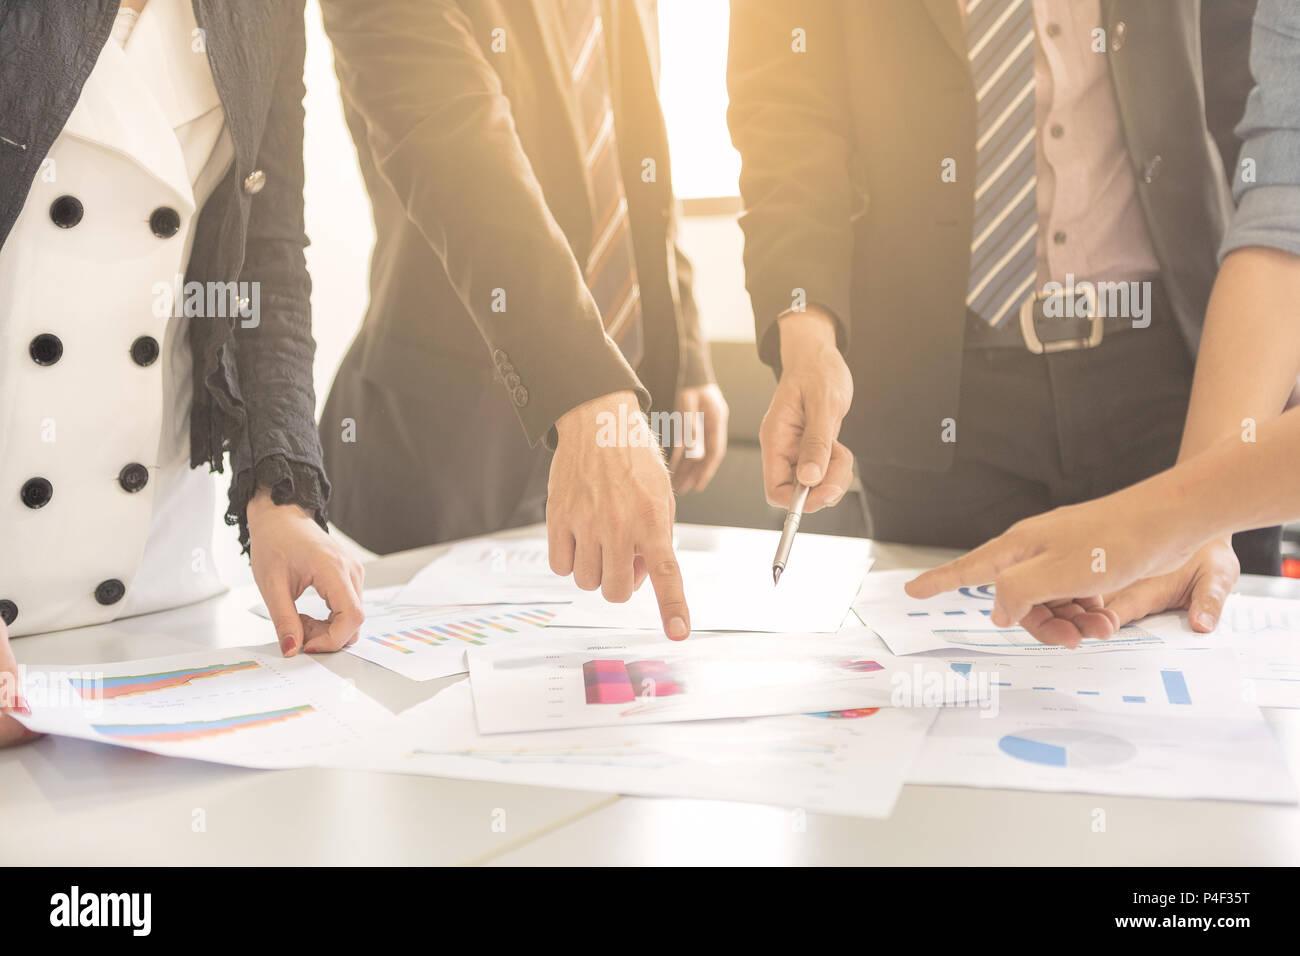 Kaufmann und Frau sind auf Brainstorming für neue, kreative Geschäftsidee als teamwork Konzept. Stockbild